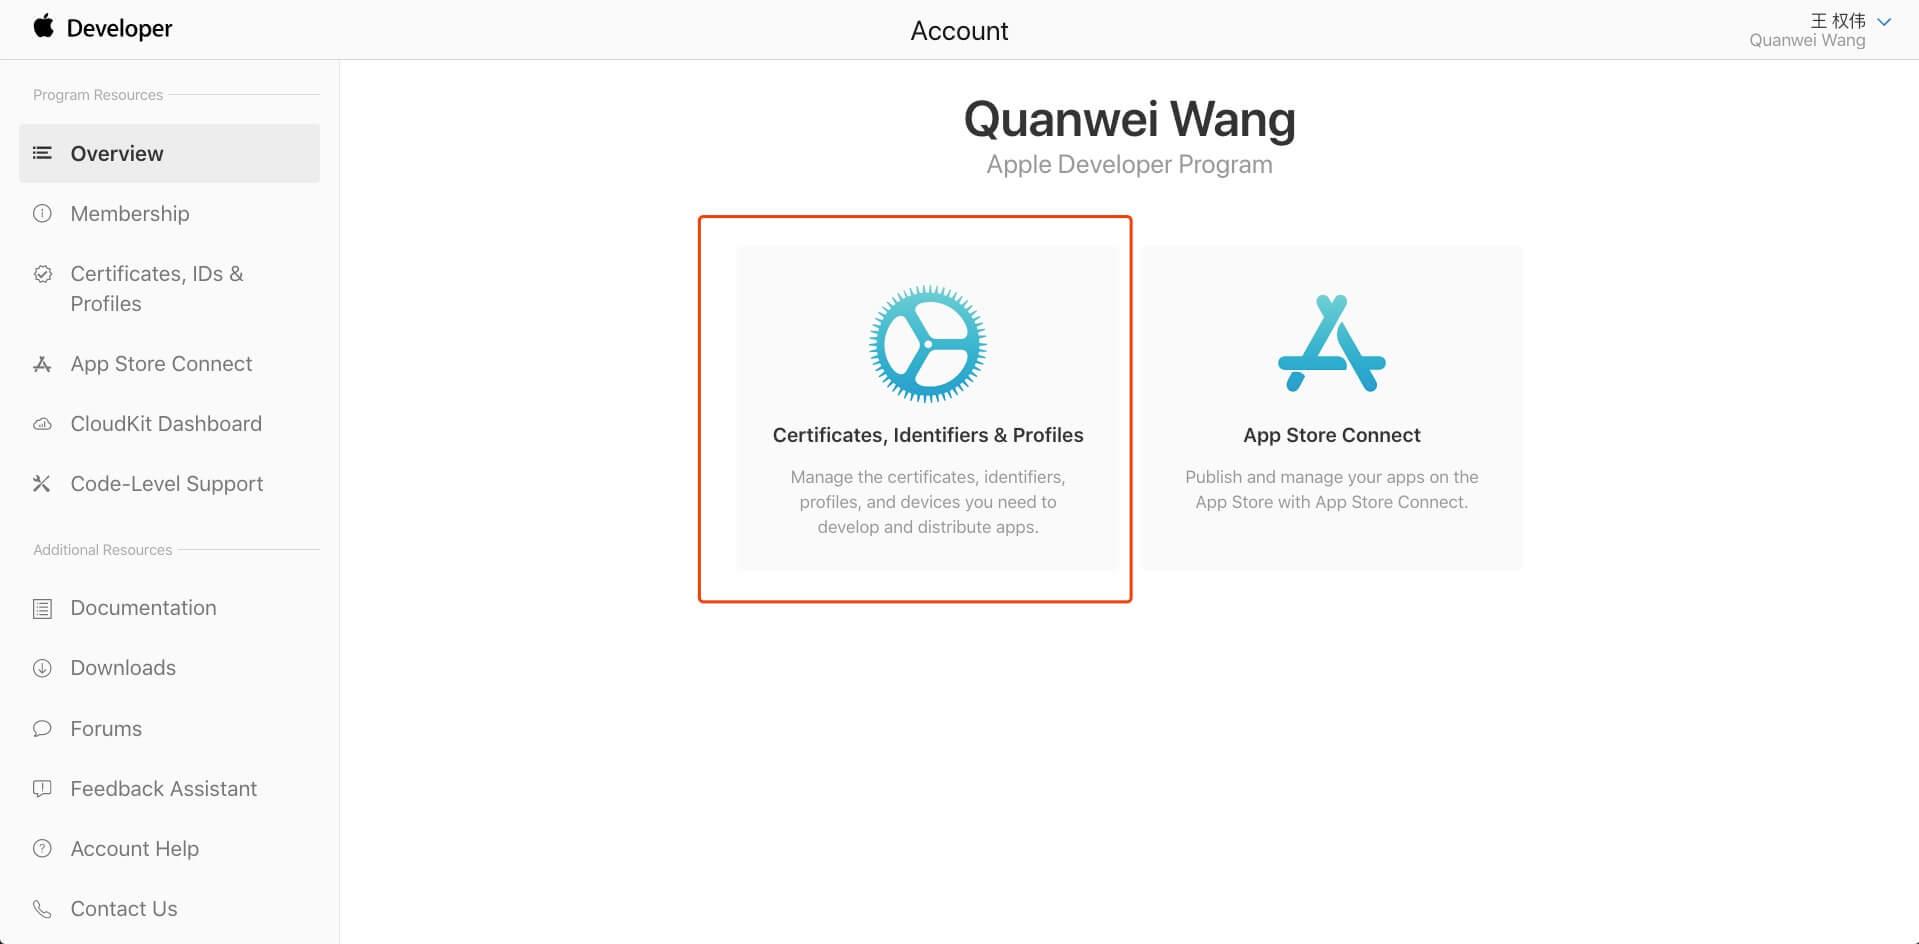 http://www.wangquanwei.com/wp-content/uploads/2019/10/1571102075-48D4C80B-995B-4D0D-995C-FFED7B143045.jpeg